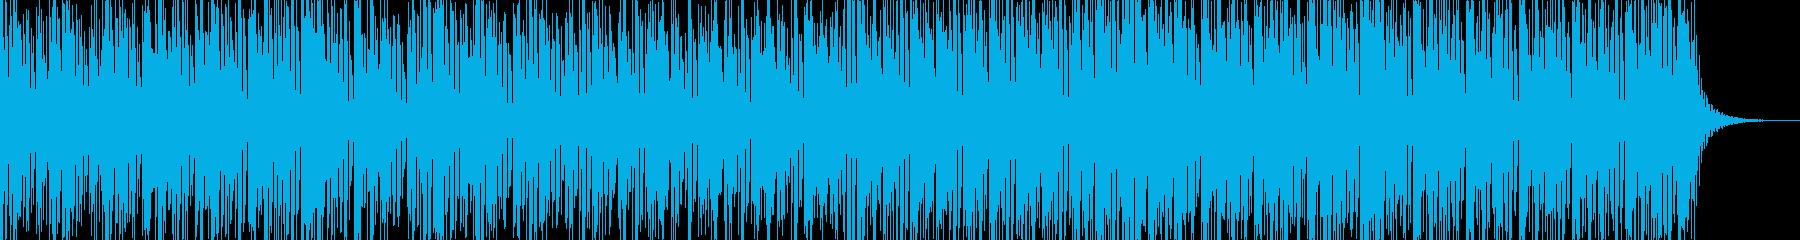 実用的な緊迫感のあるシンセBGM7の再生済みの波形